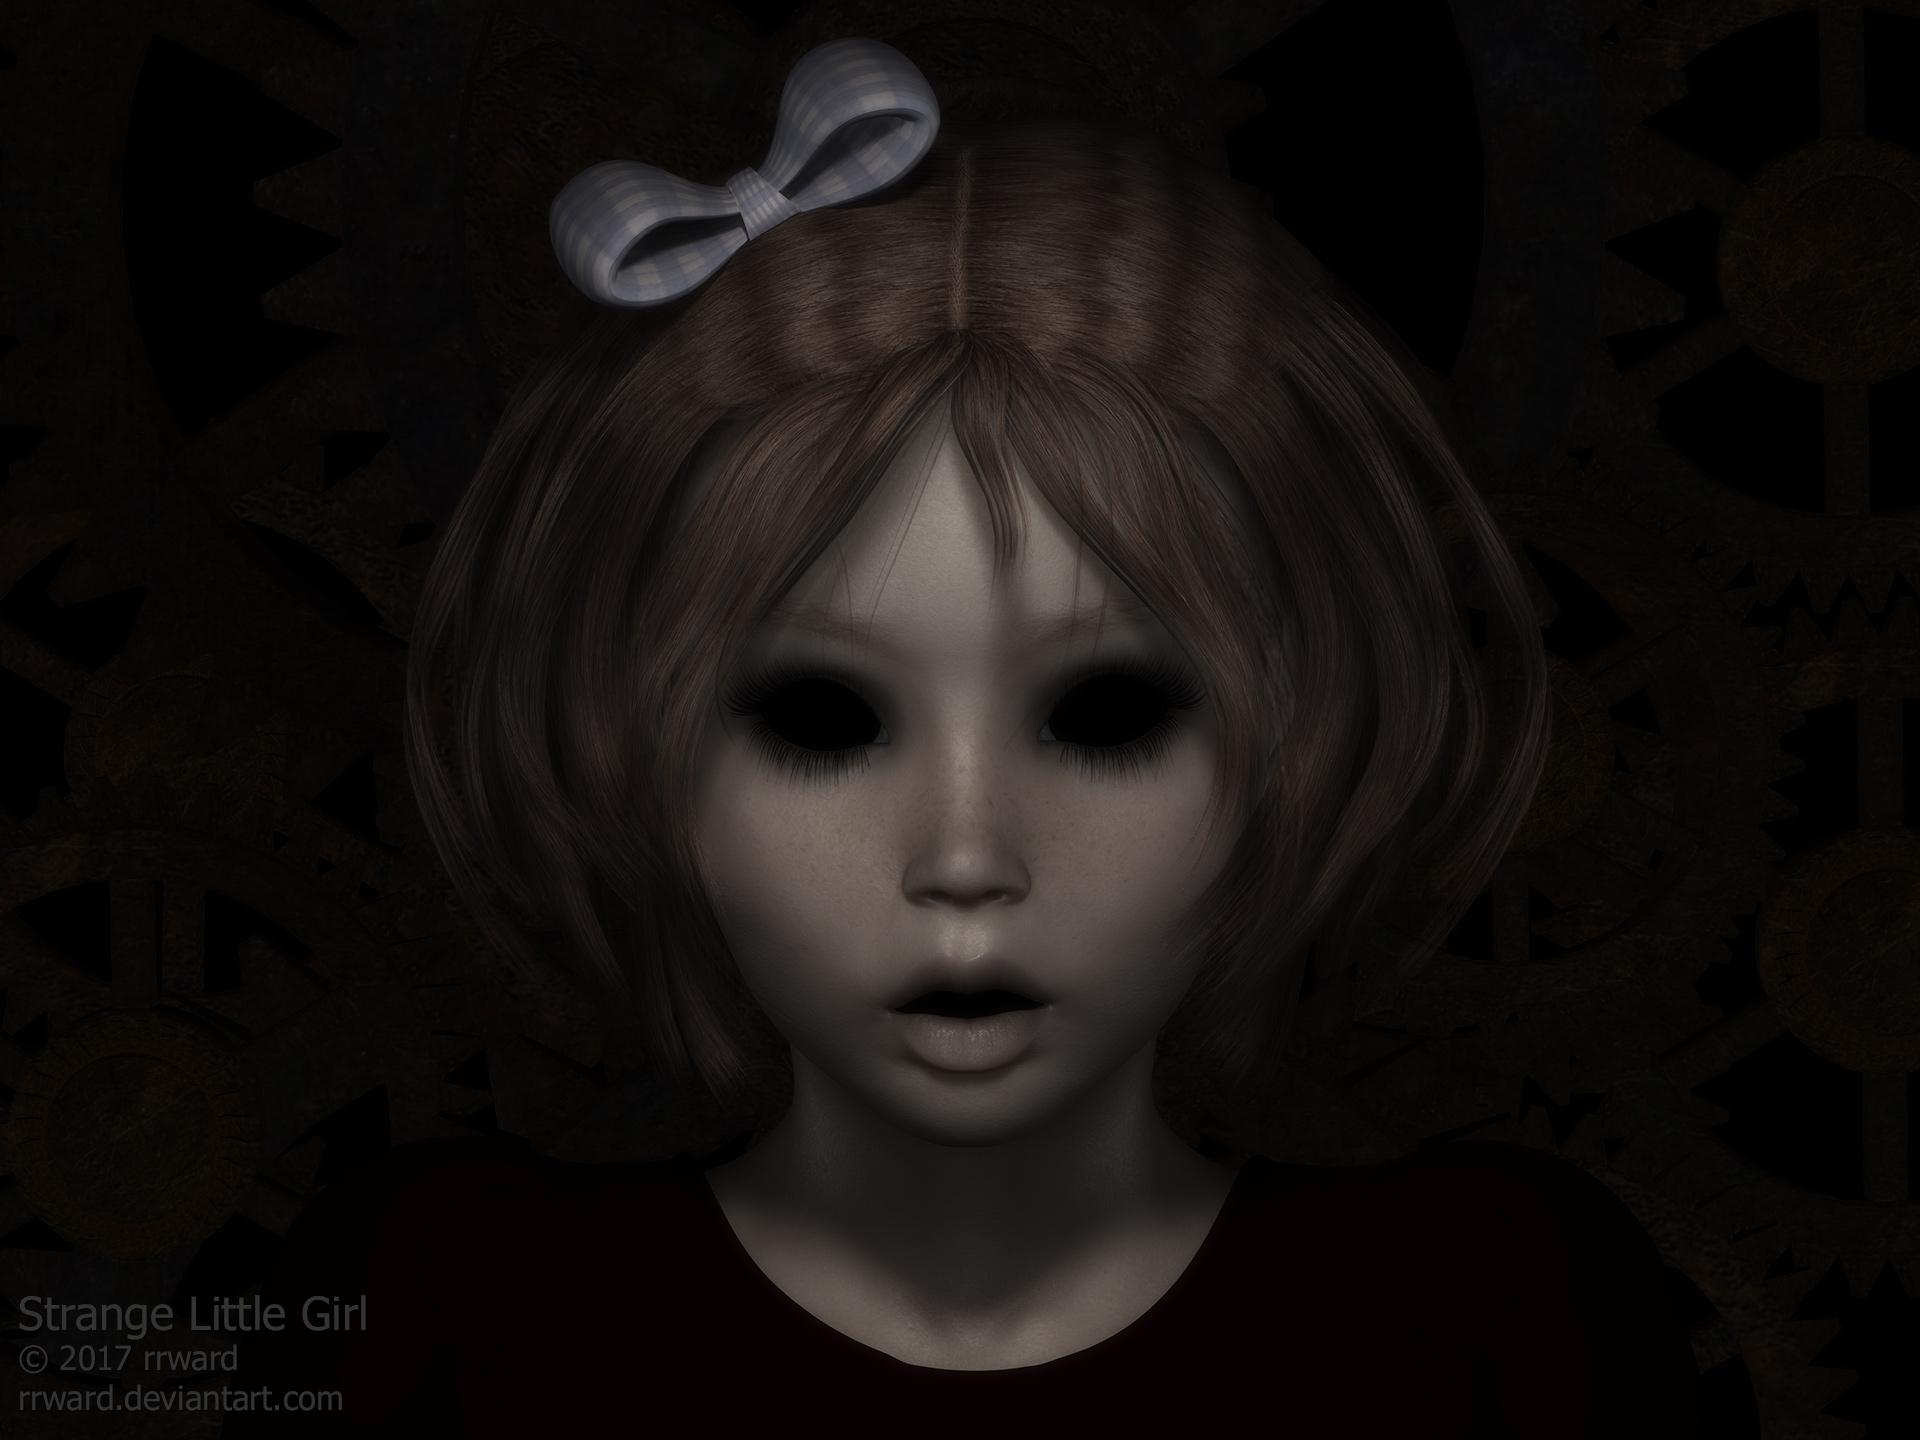 Strange Little Girl by rrward